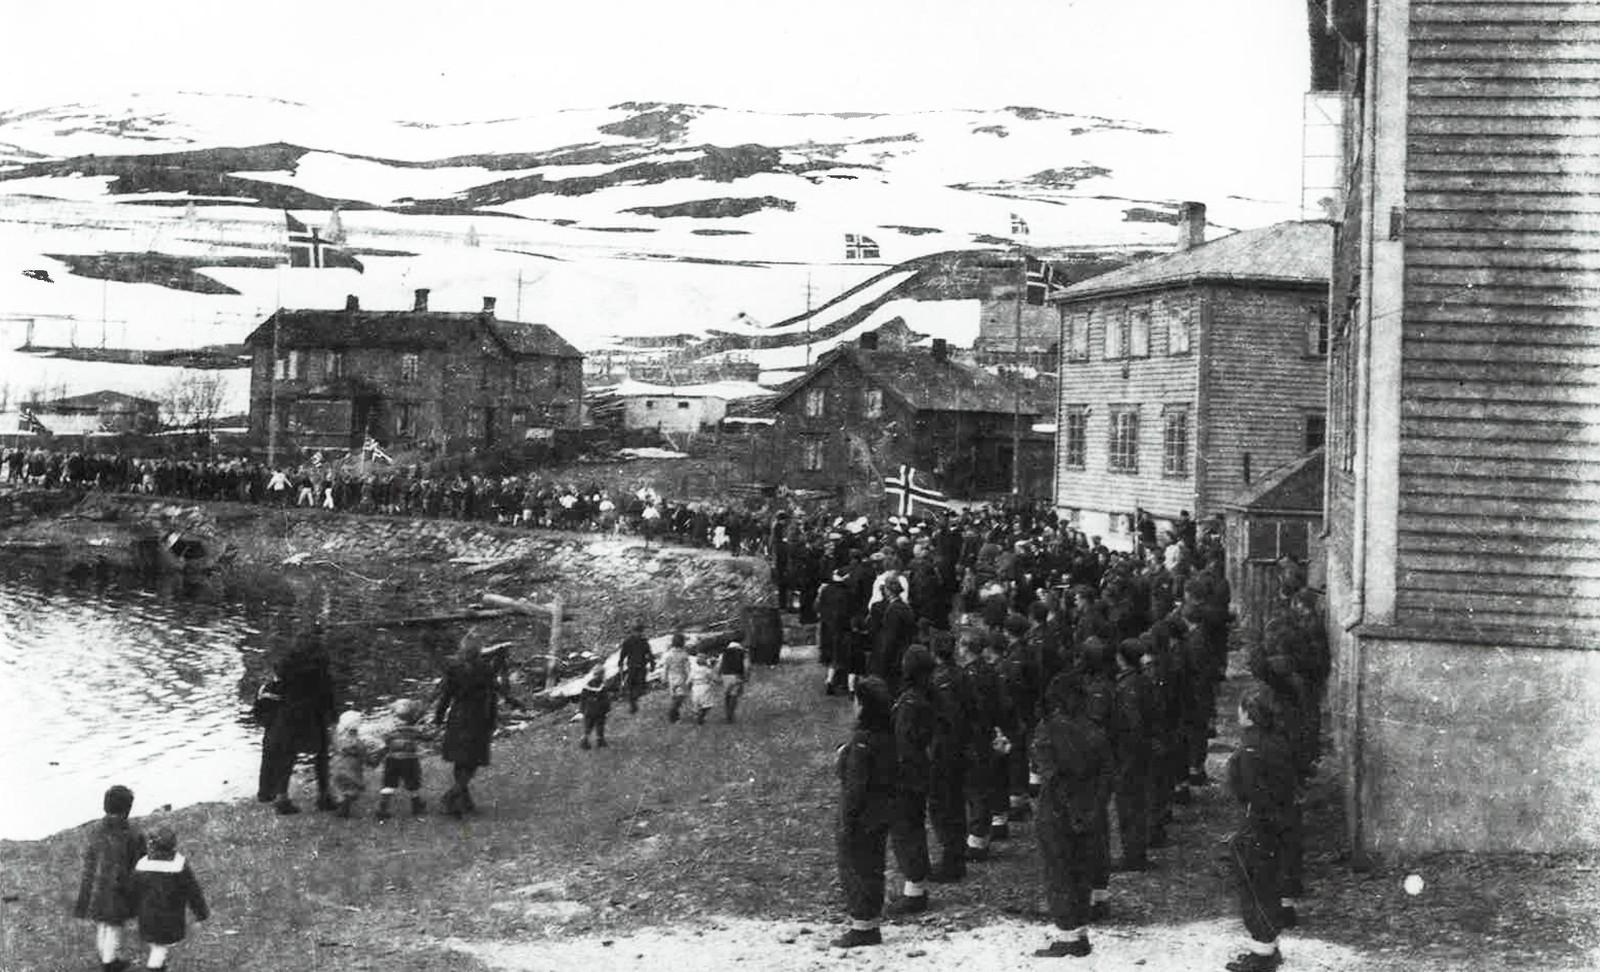 17. mai 1945: Togavgang fra Fiskarheimen. Norske soldater og lotter i forgrunnen. I bakgrunnen ser vi huset til Fritjof og Anna. Fritjof ble satt i varetekt på Fiskarheimen.